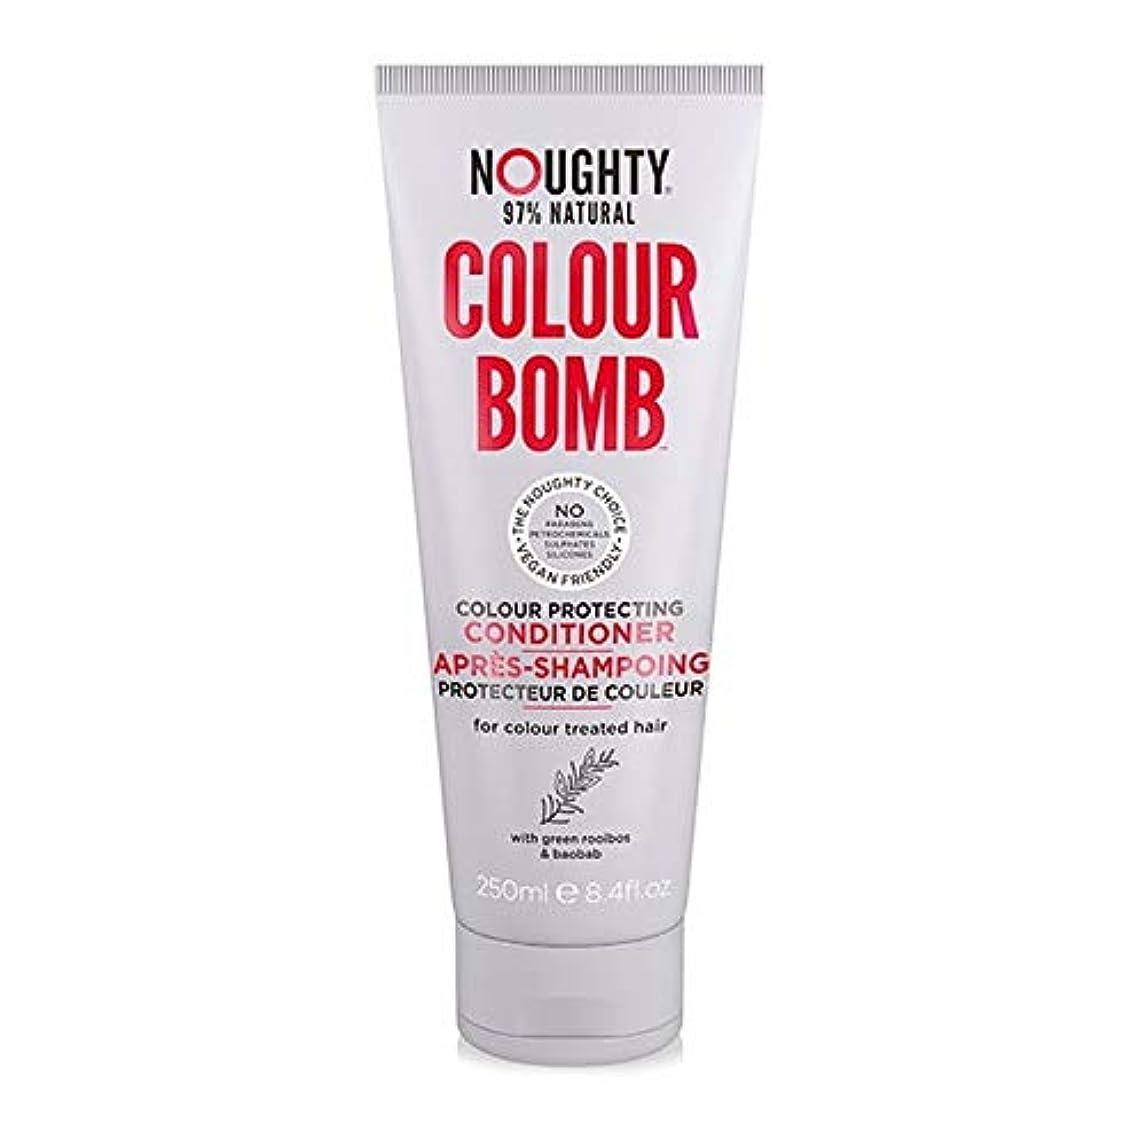 激しい内向きおめでとう[Noughty] コンディショナー250Mlを保護Noughtyカラー爆弾の色 - Noughty Colour Bomb Colour Protecting Conditioner 250ml [並行輸入品]